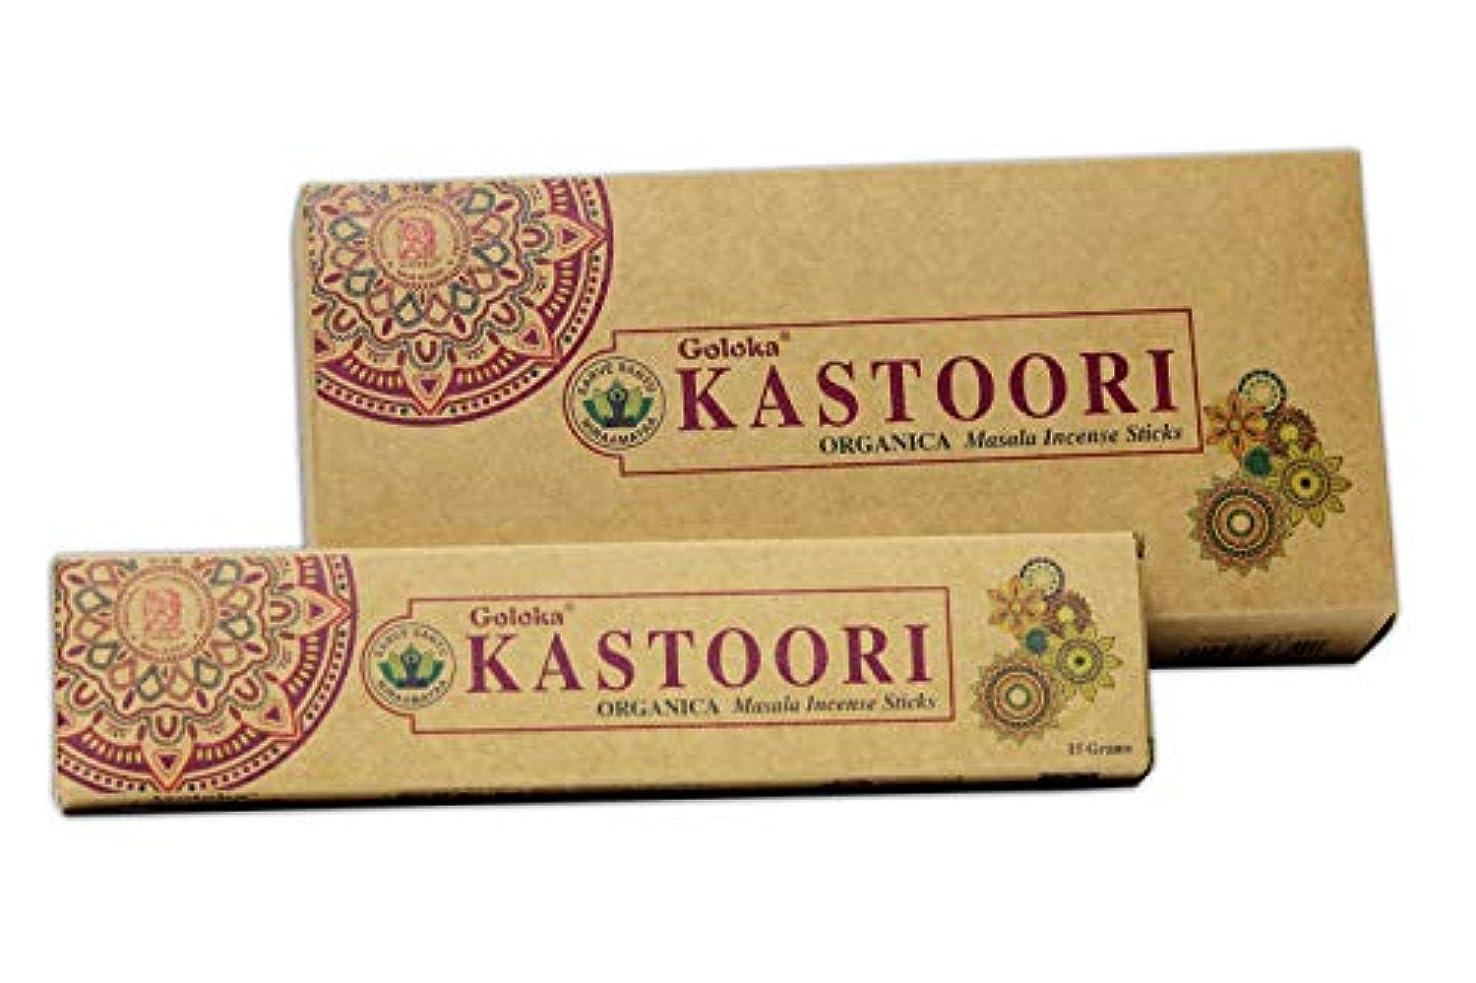 噴出するアクセス運ぶGoloka Organicaシリーズ Kastoori 15グラム6箱 (計90グラム)